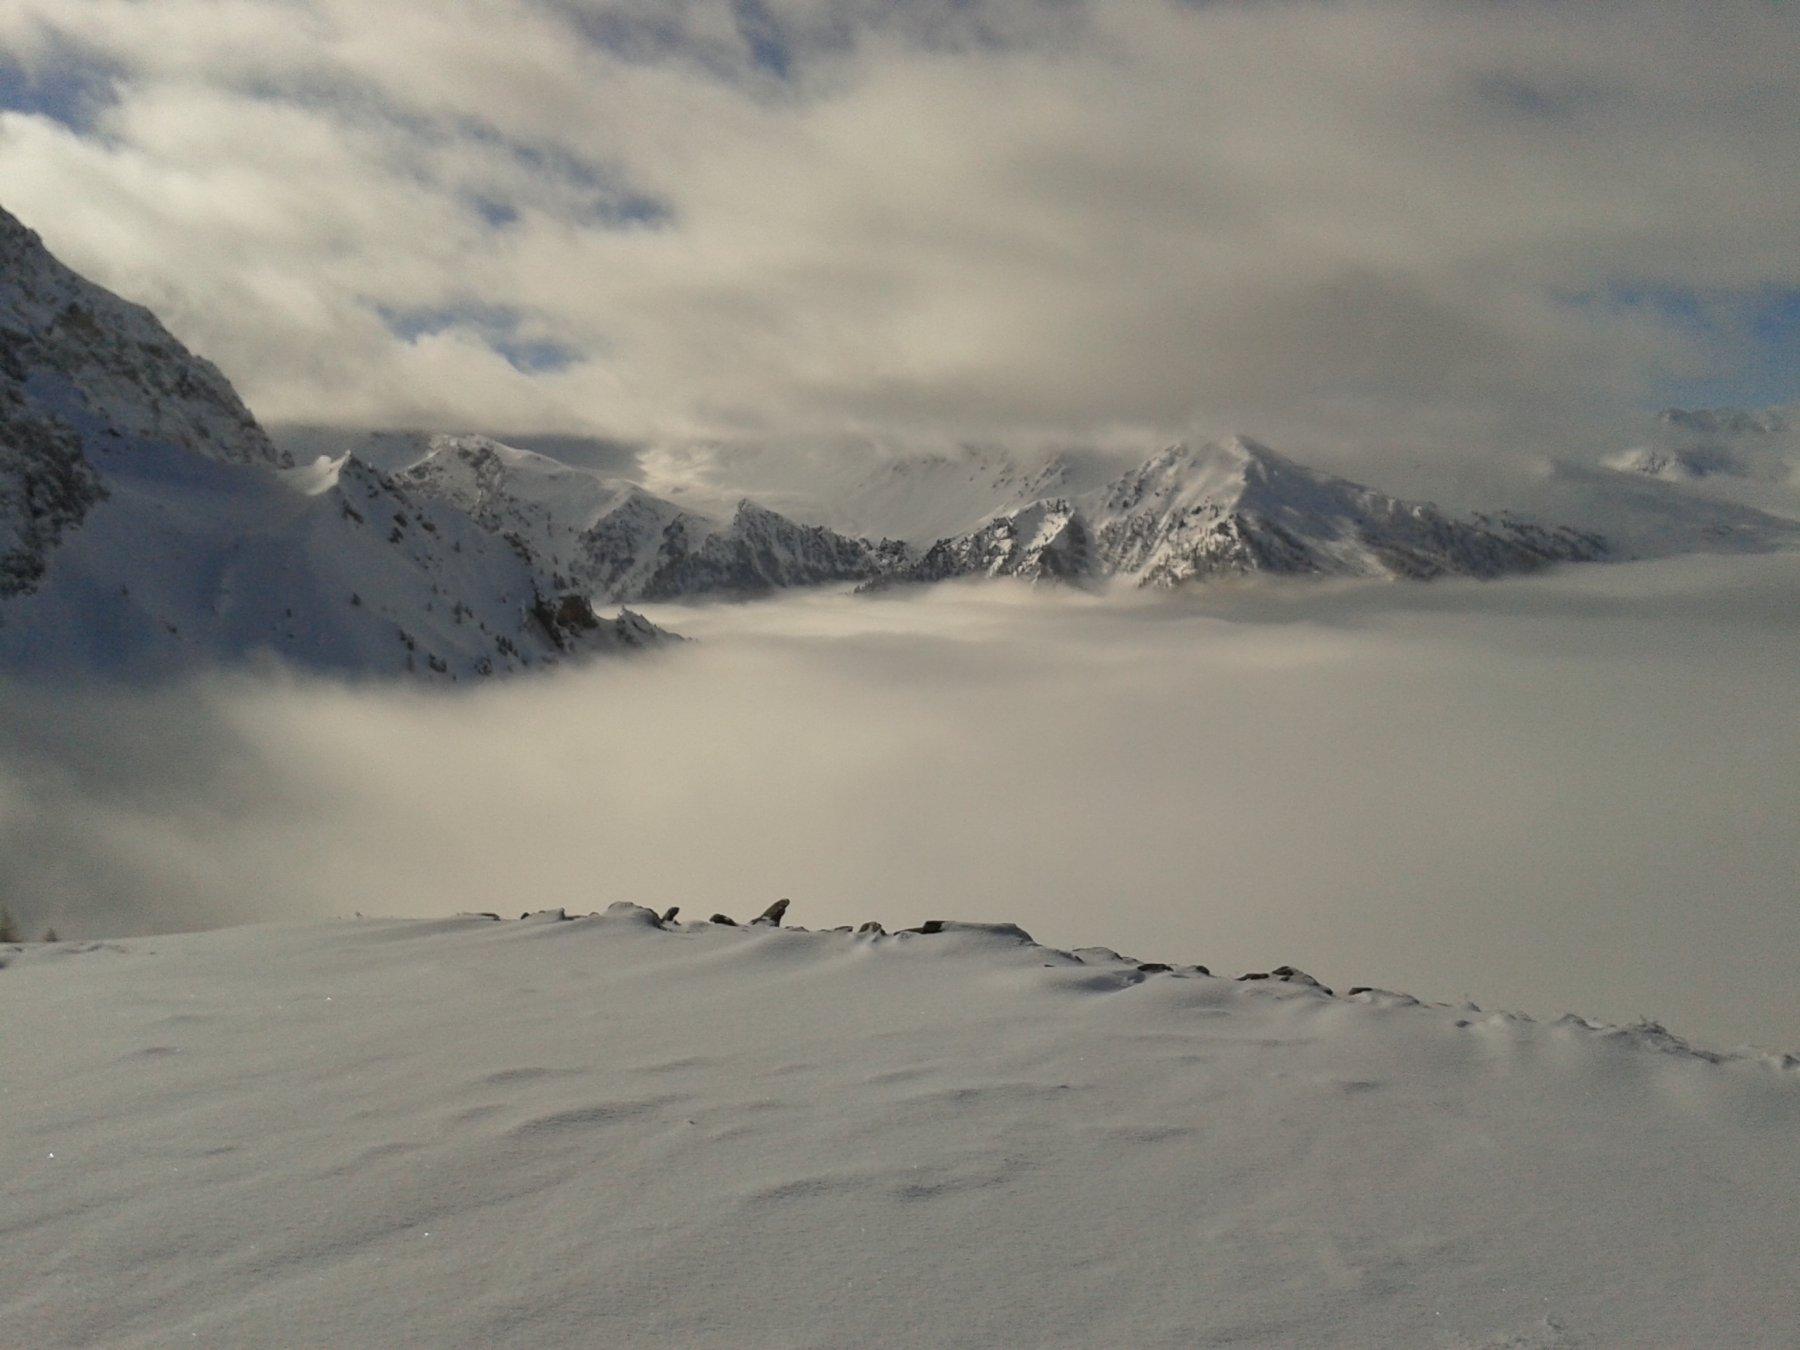 mare di nuvole in basso